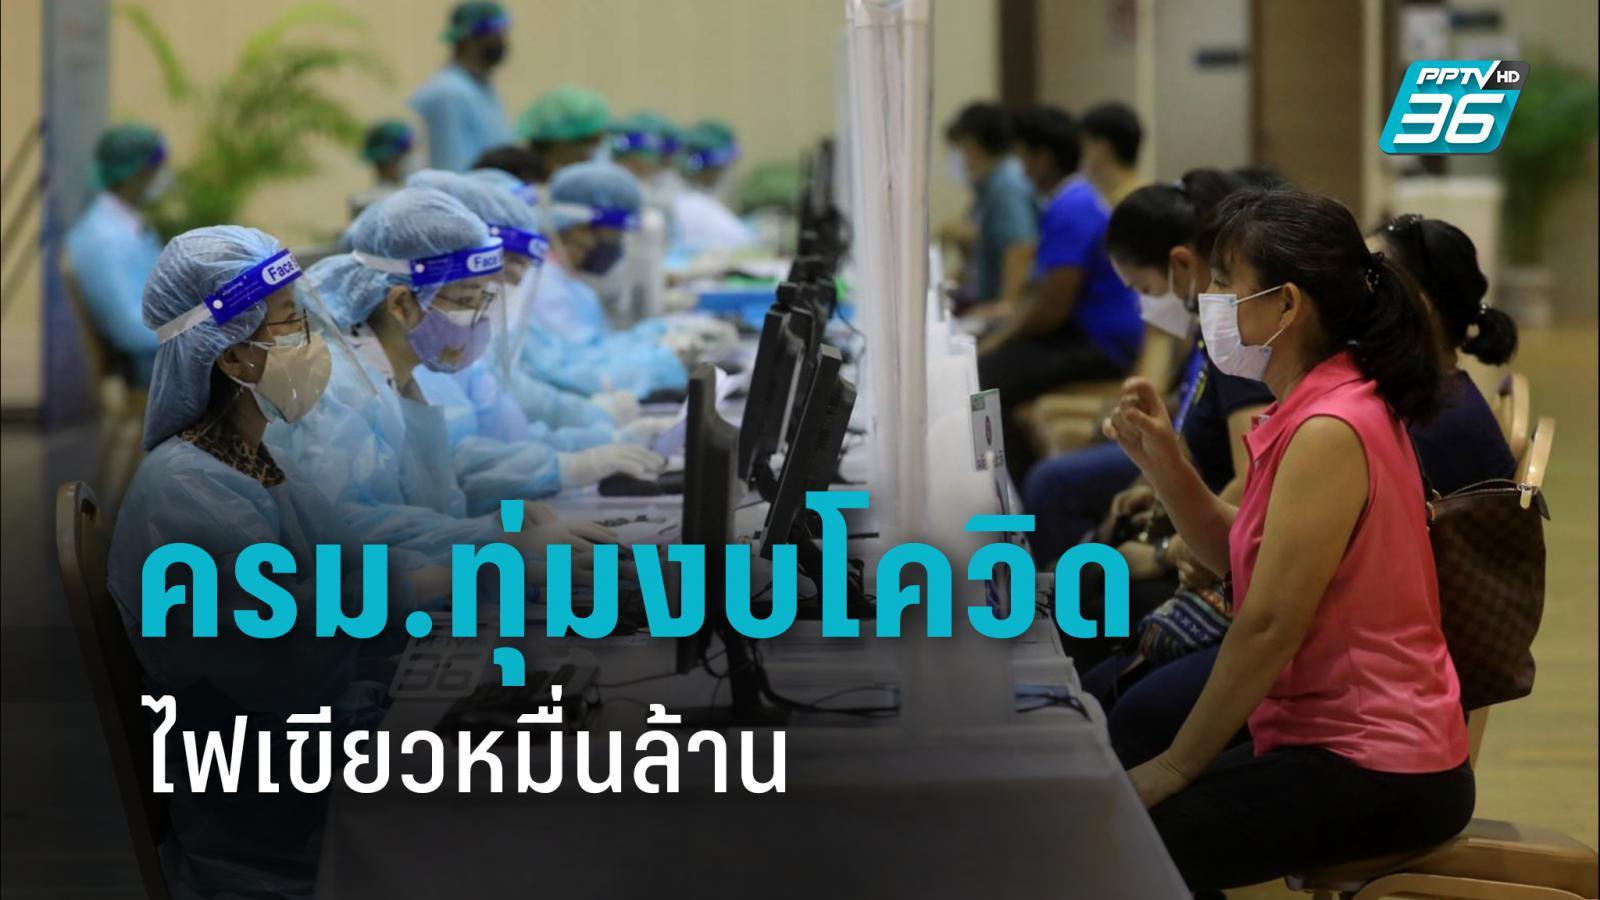 ครม.ทุ่มงบหมื่นล้าน จ่าย 4 ด้าน ตรวจ รักษาโควิด ผลข้างเคียงวัคซีน อนุมัติ 1.5 พันล้านจ่ายอสม.